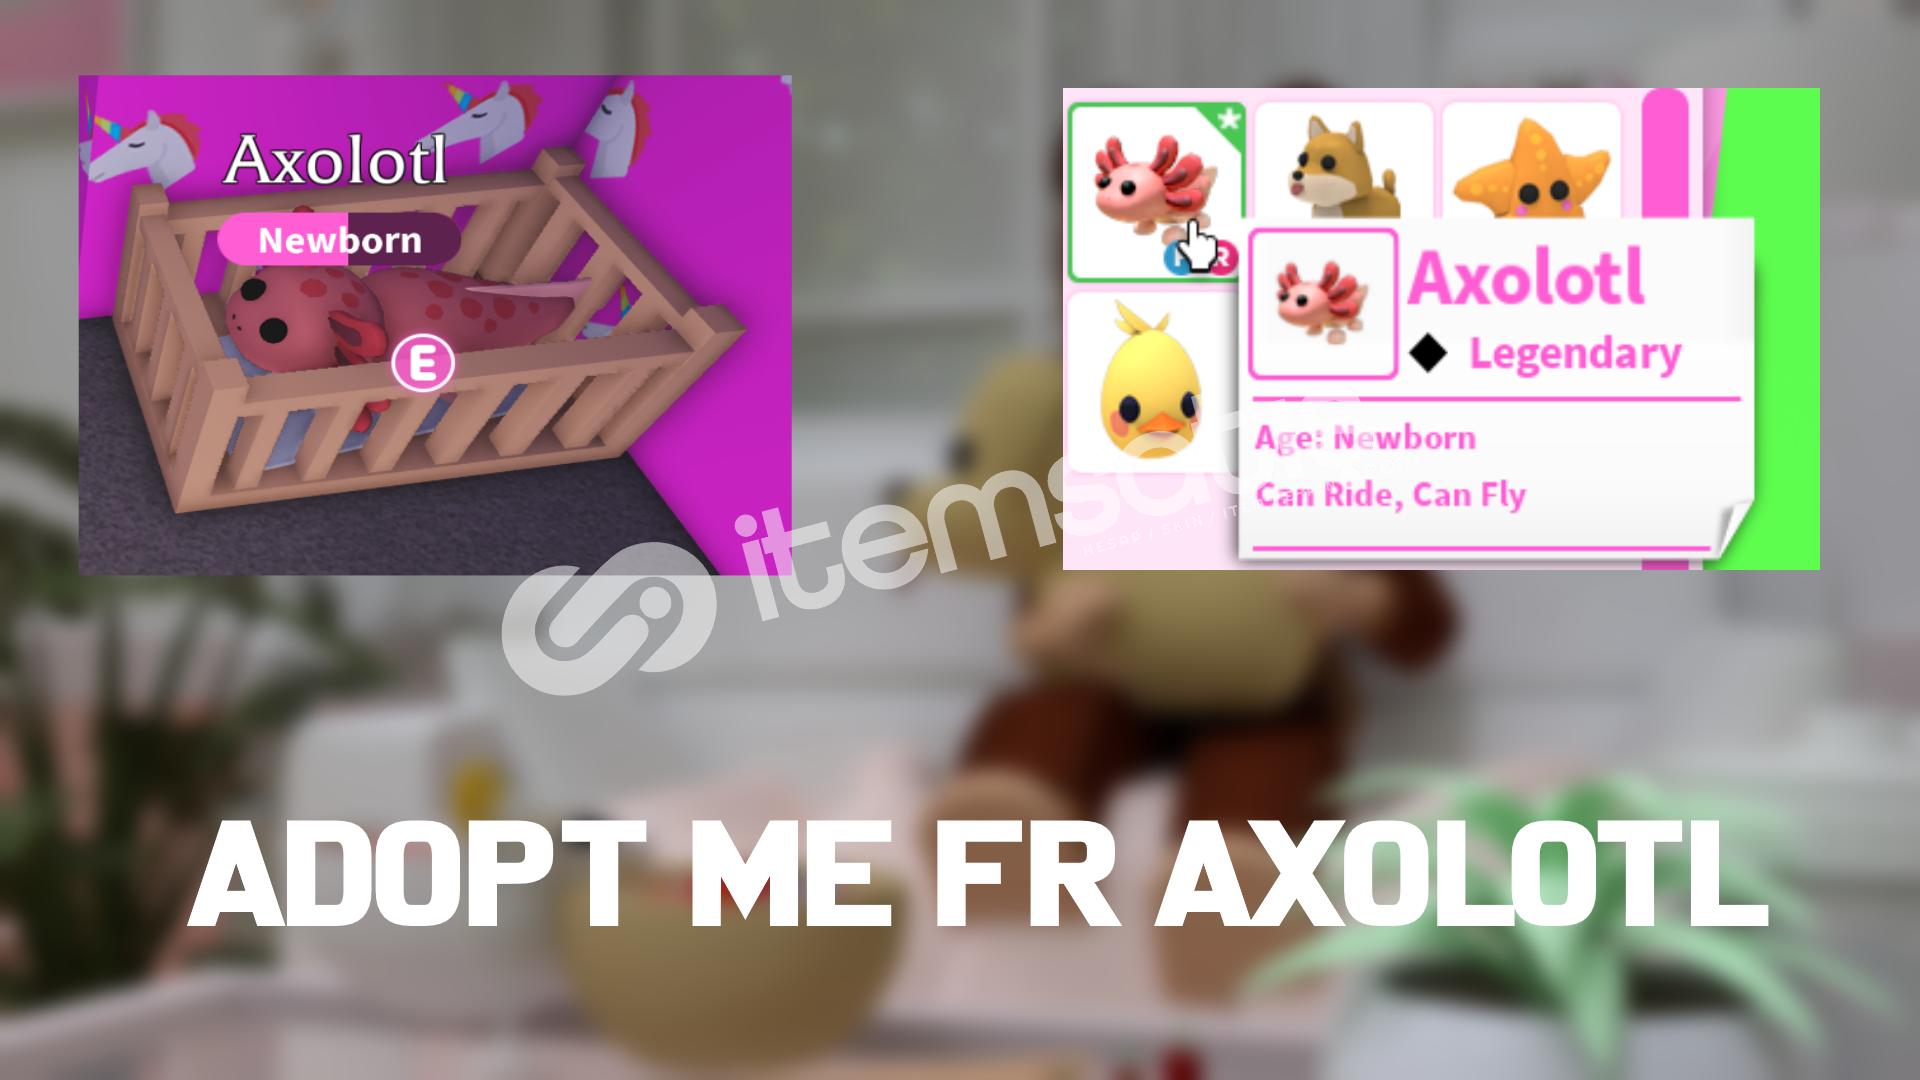 Adopt Me FR Axolotl